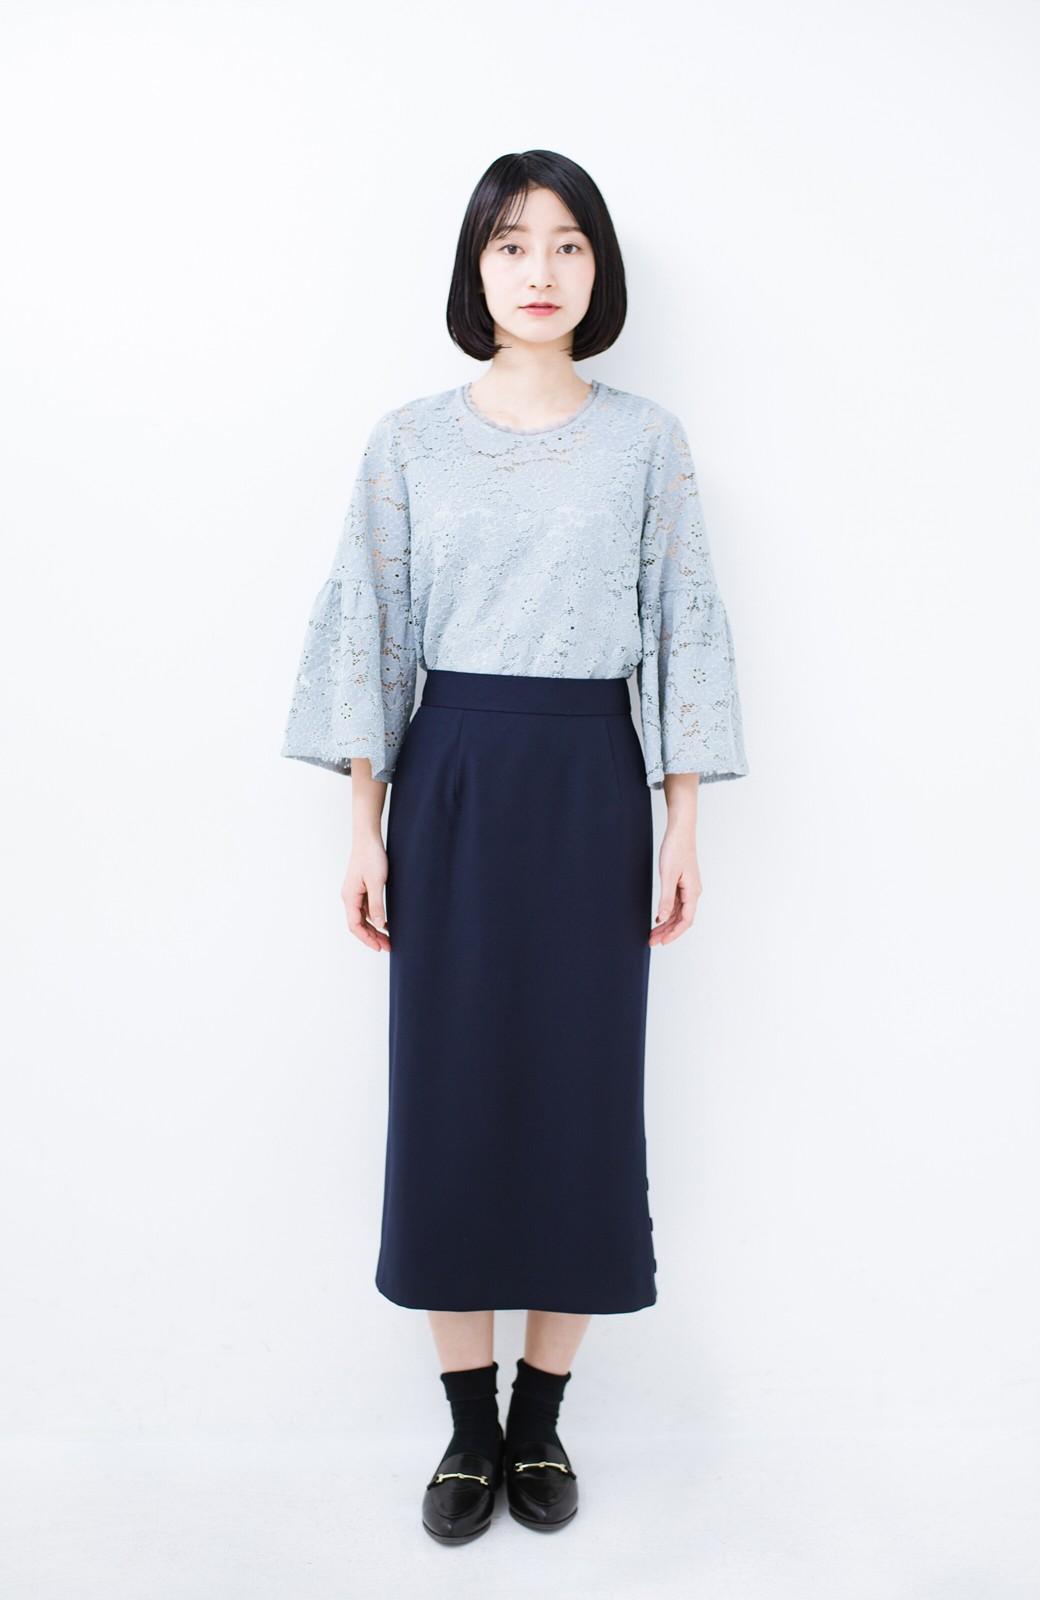 haco! 持っていると便利な野暮ったくならないフォーマルジャケット・スカートの2点セット <ダークネイビー>の商品写真11